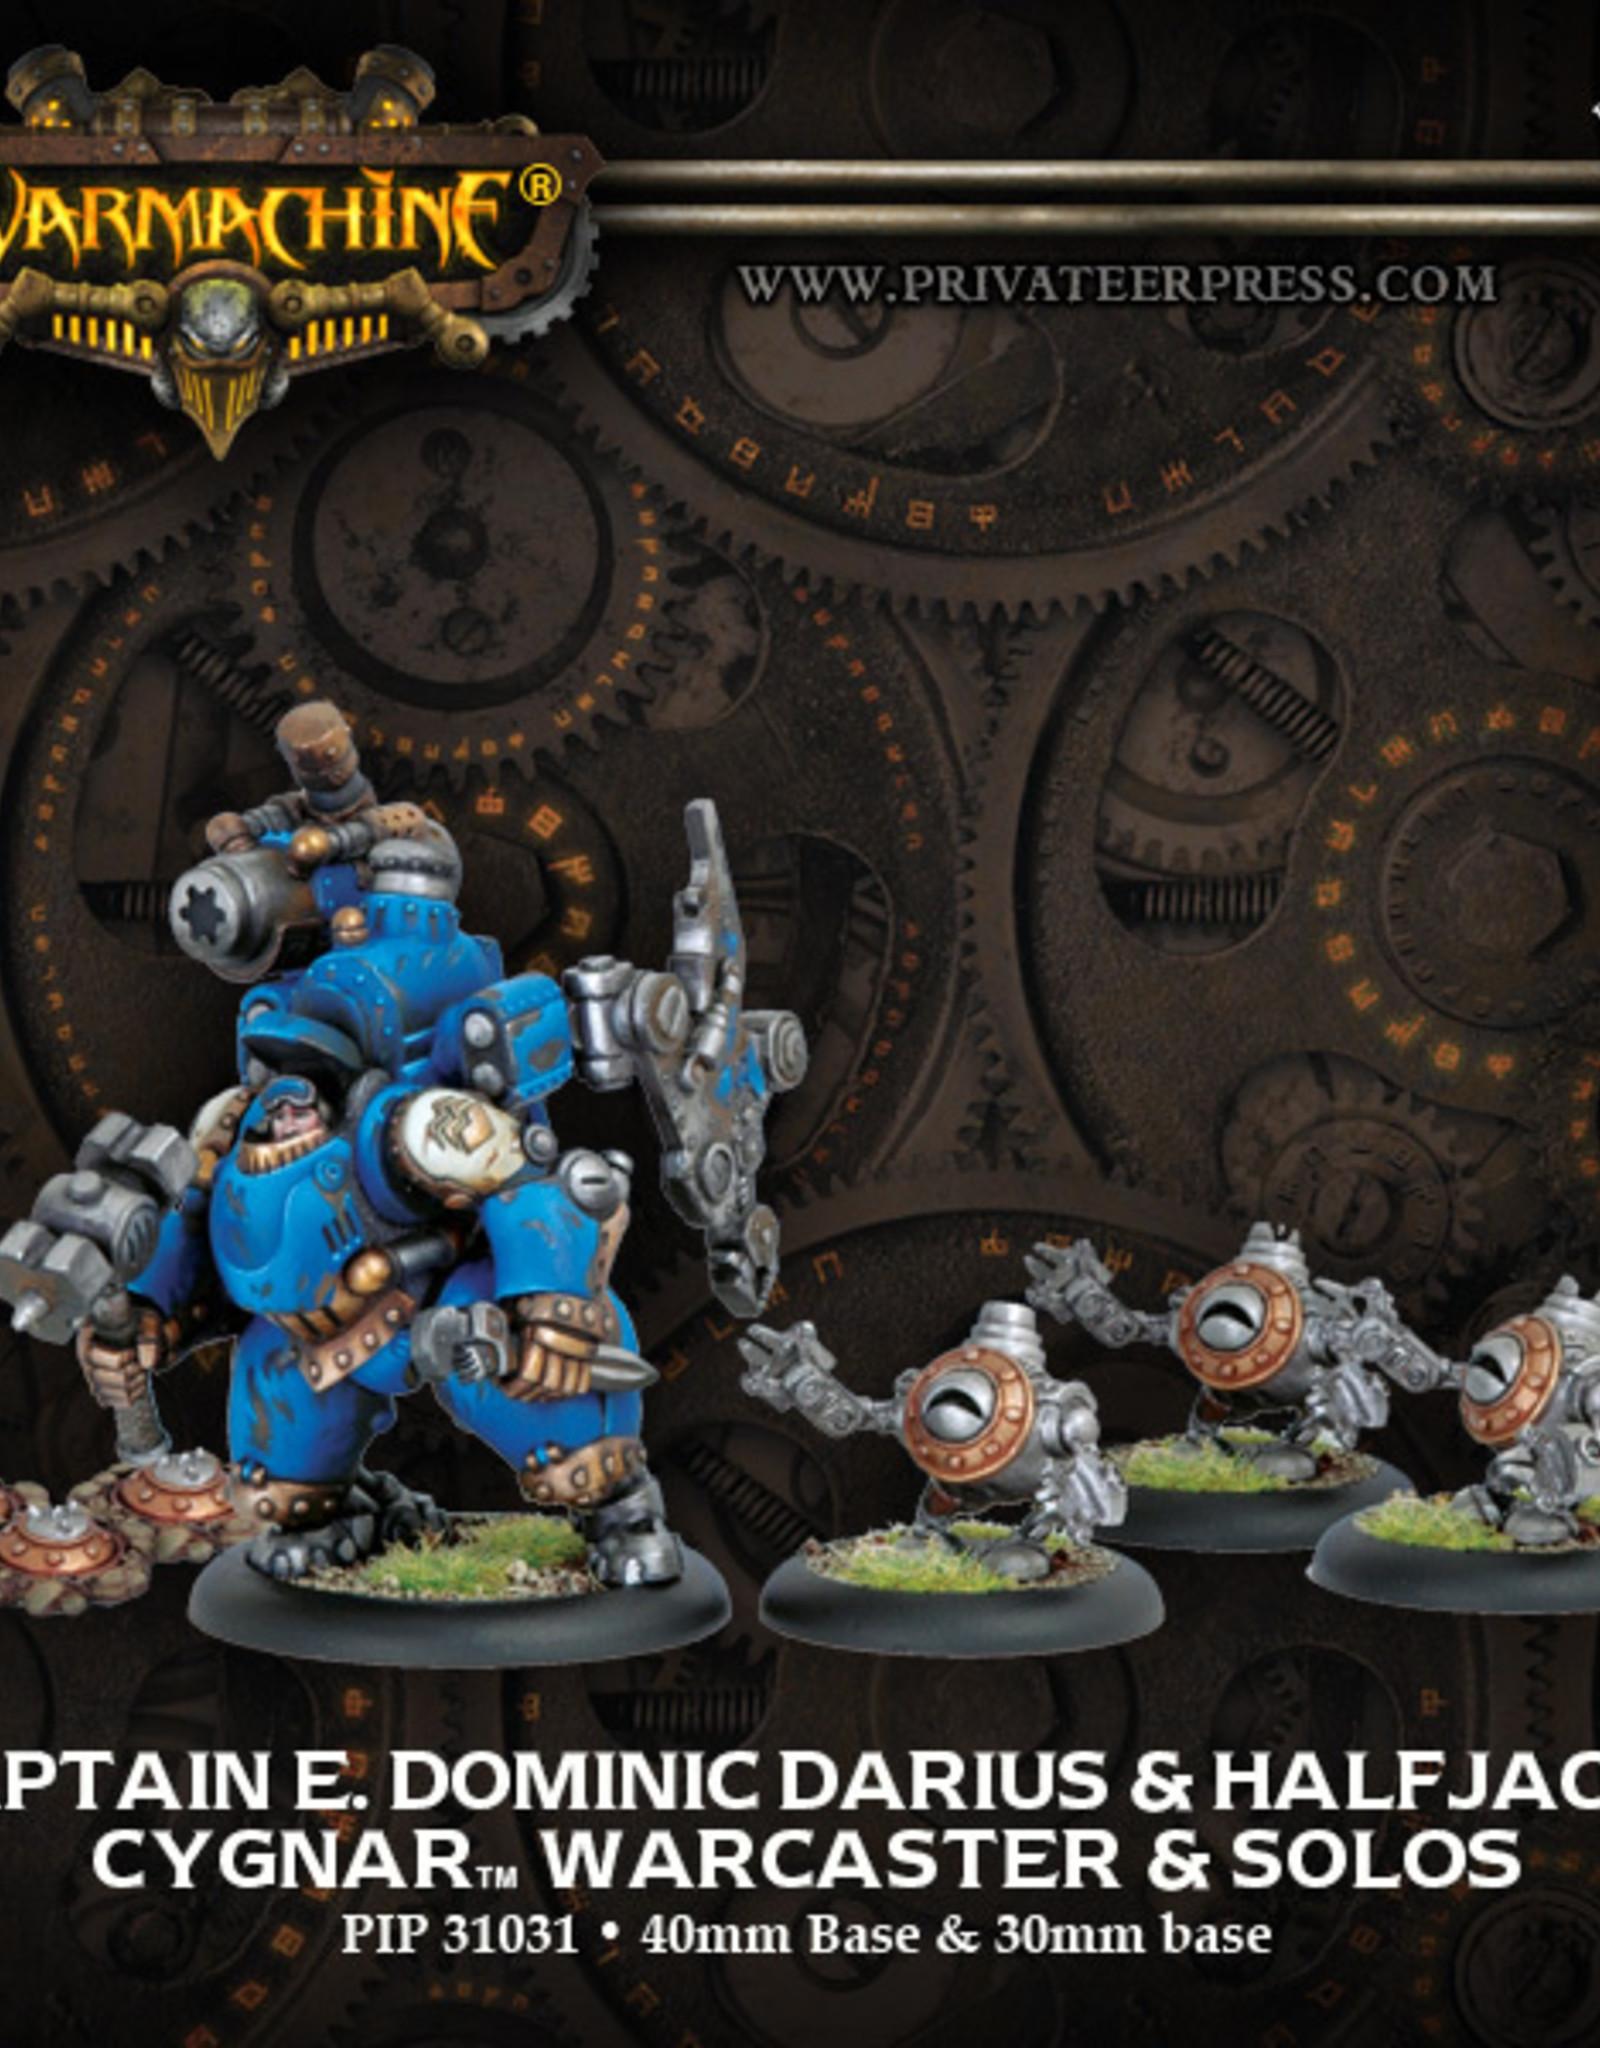 Privateer Press Captain E. Dominic Darius & Halfjacks